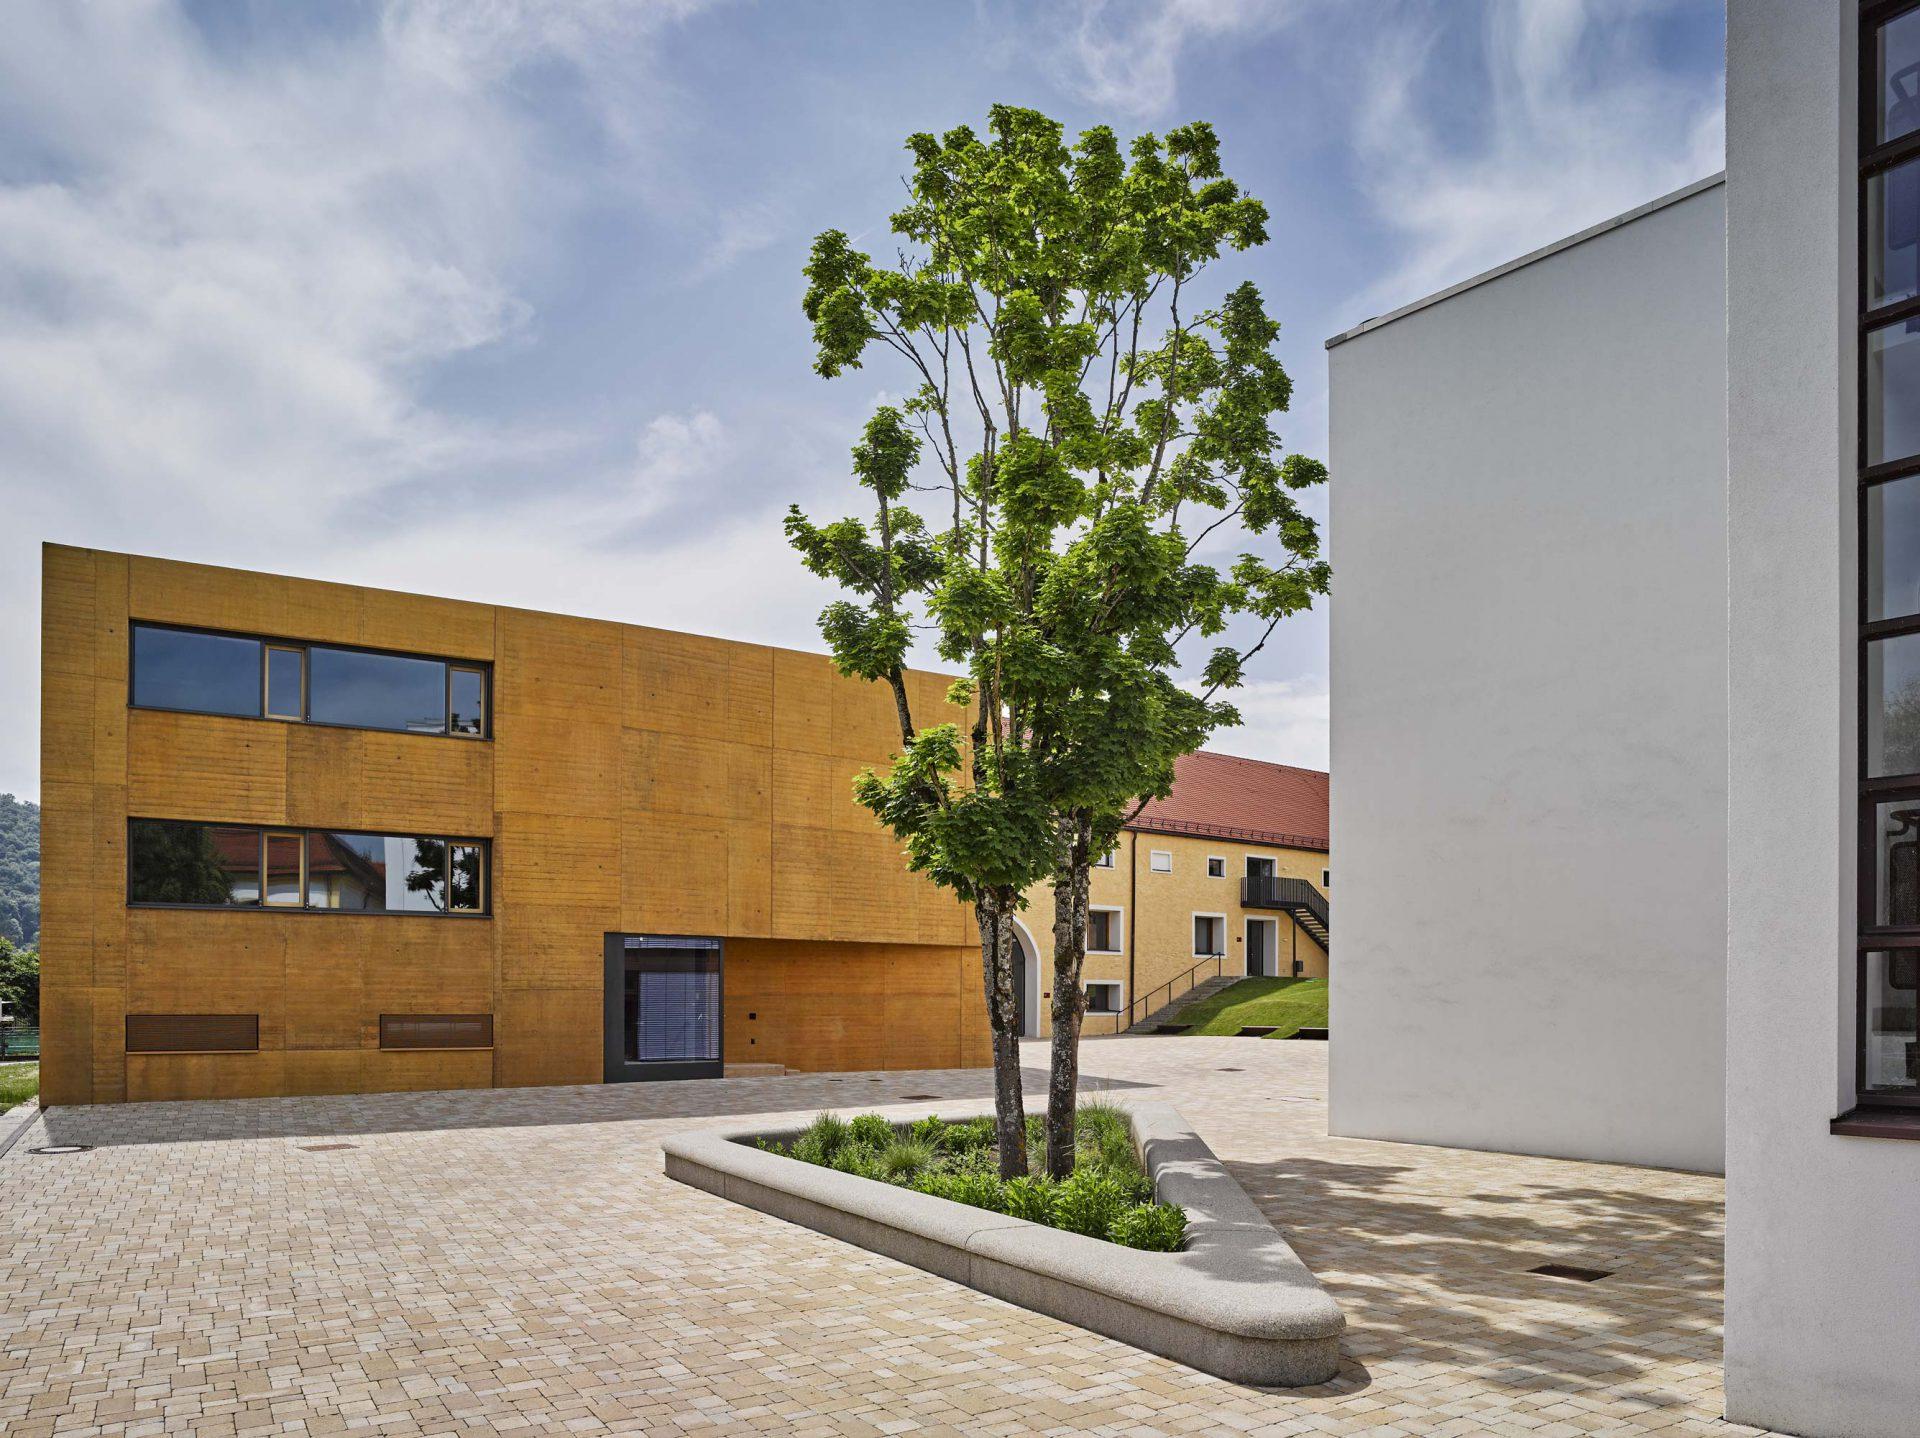 Realschulen-Kloster- Eichstätt-Rebdorf